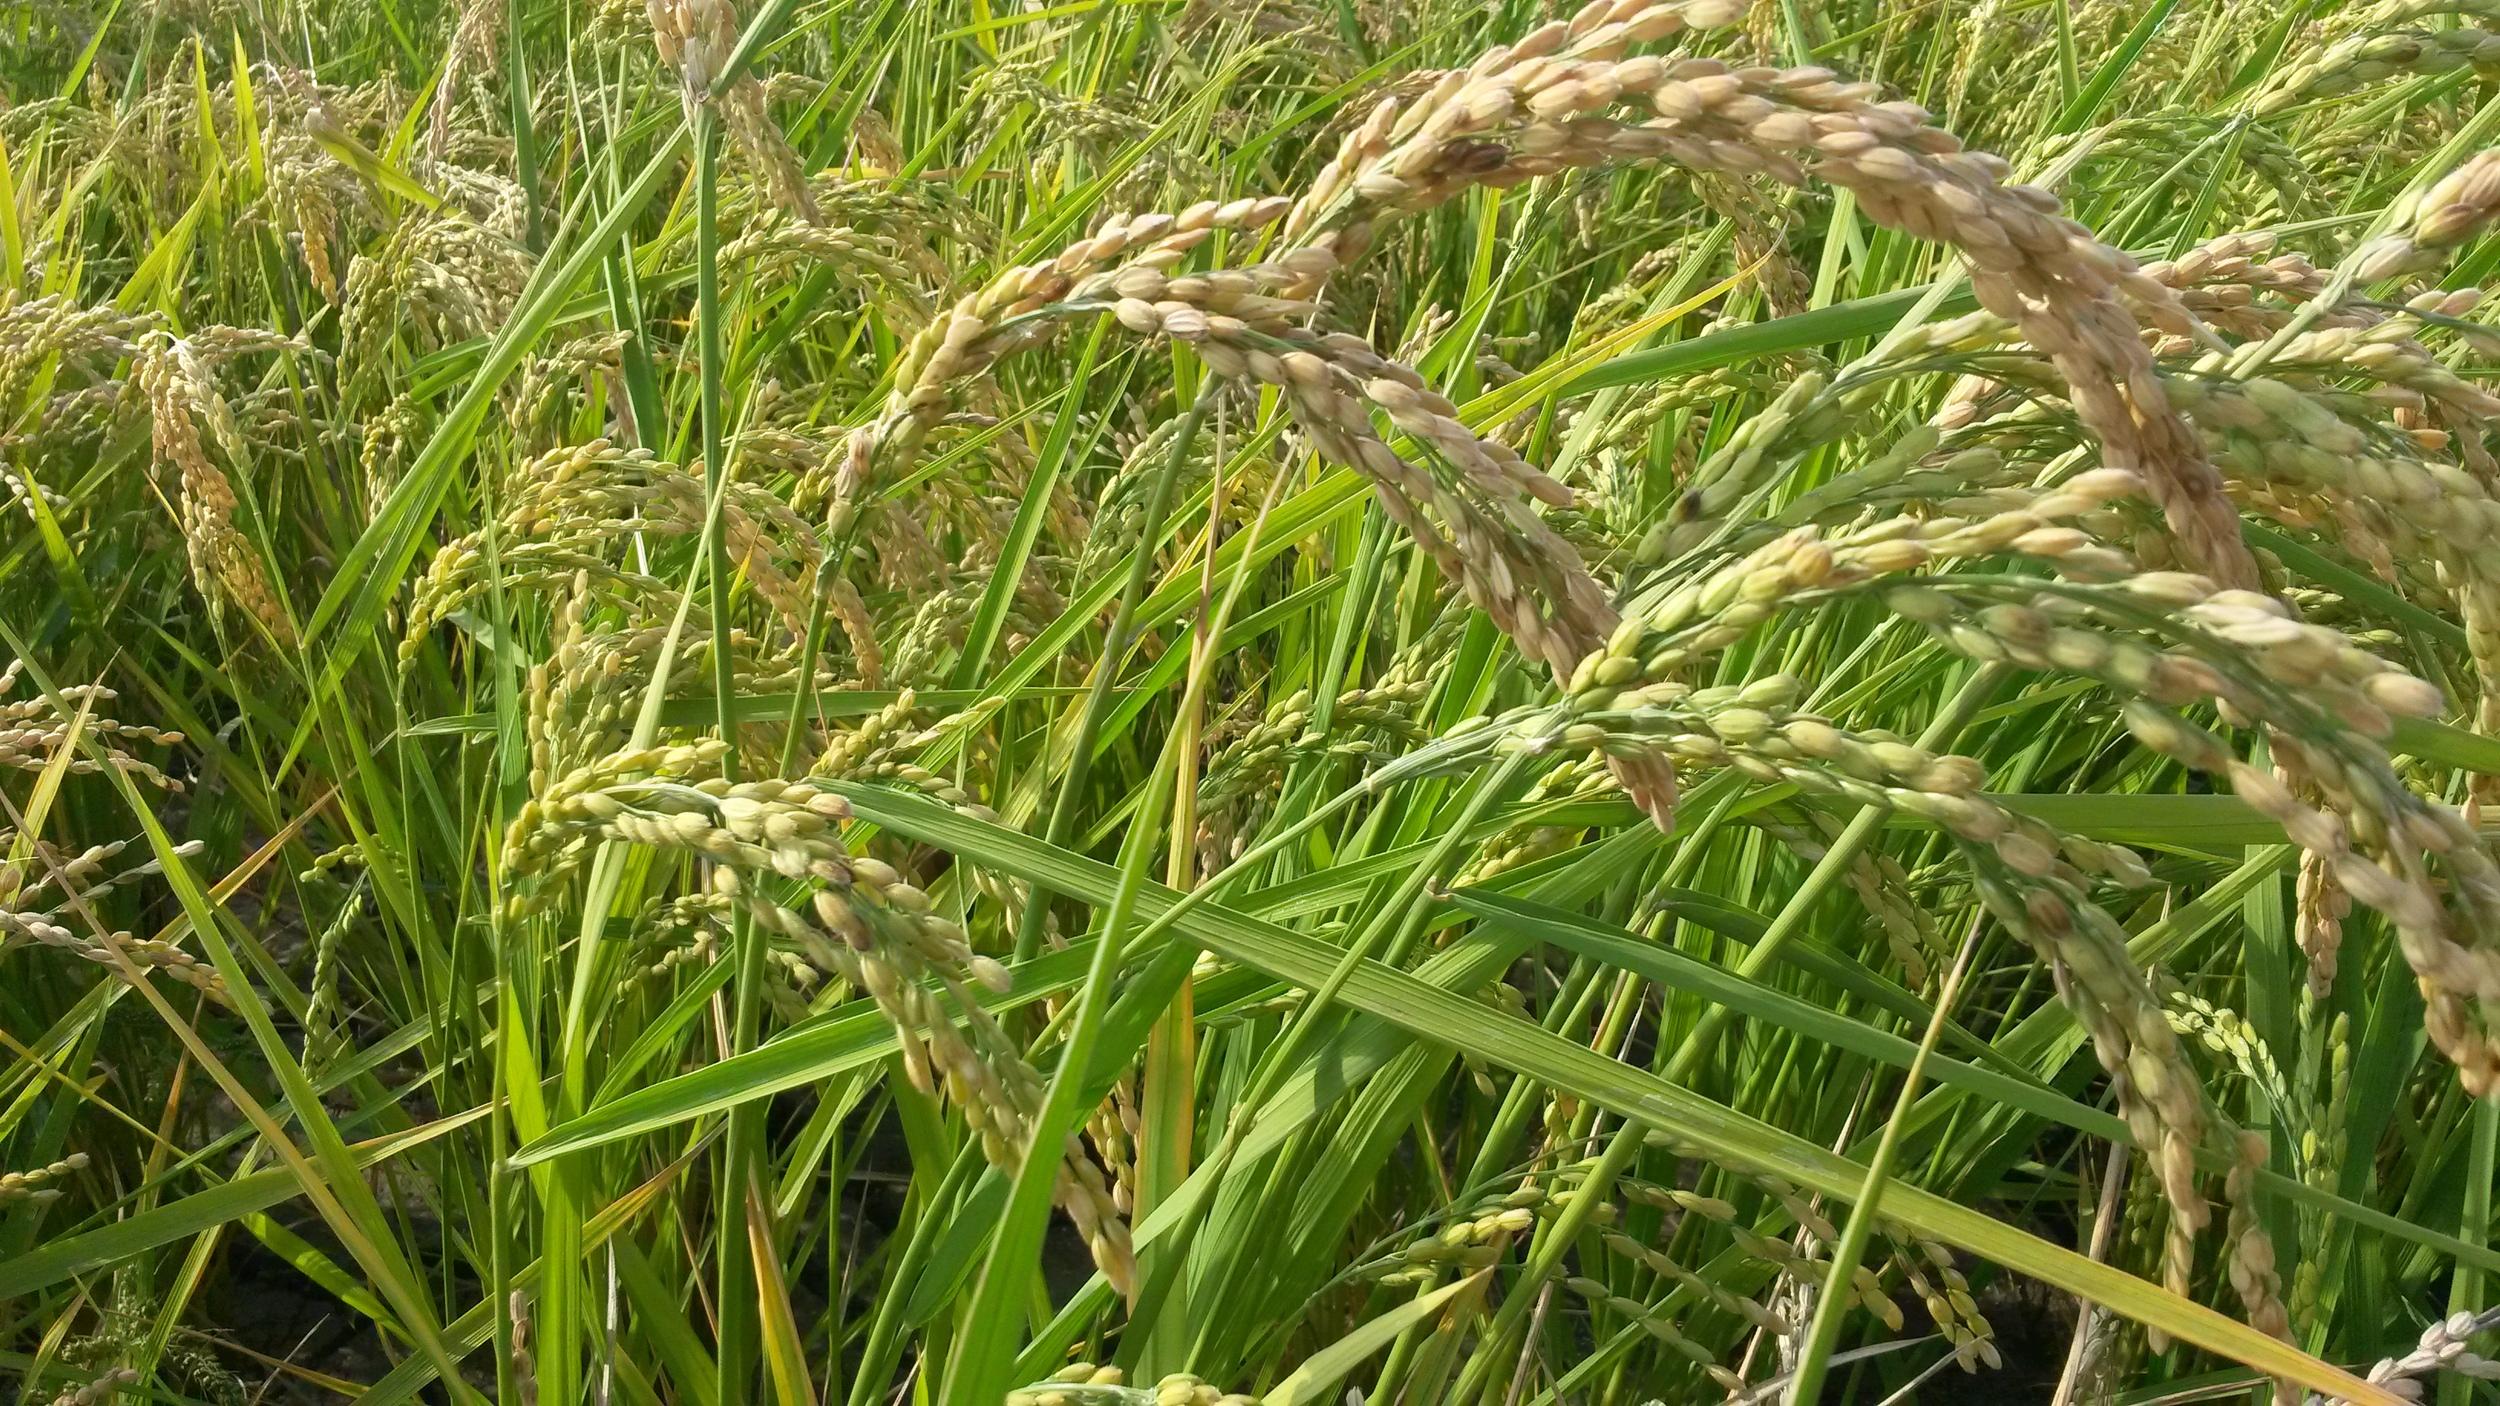 beautiful rice, ripening in the sun